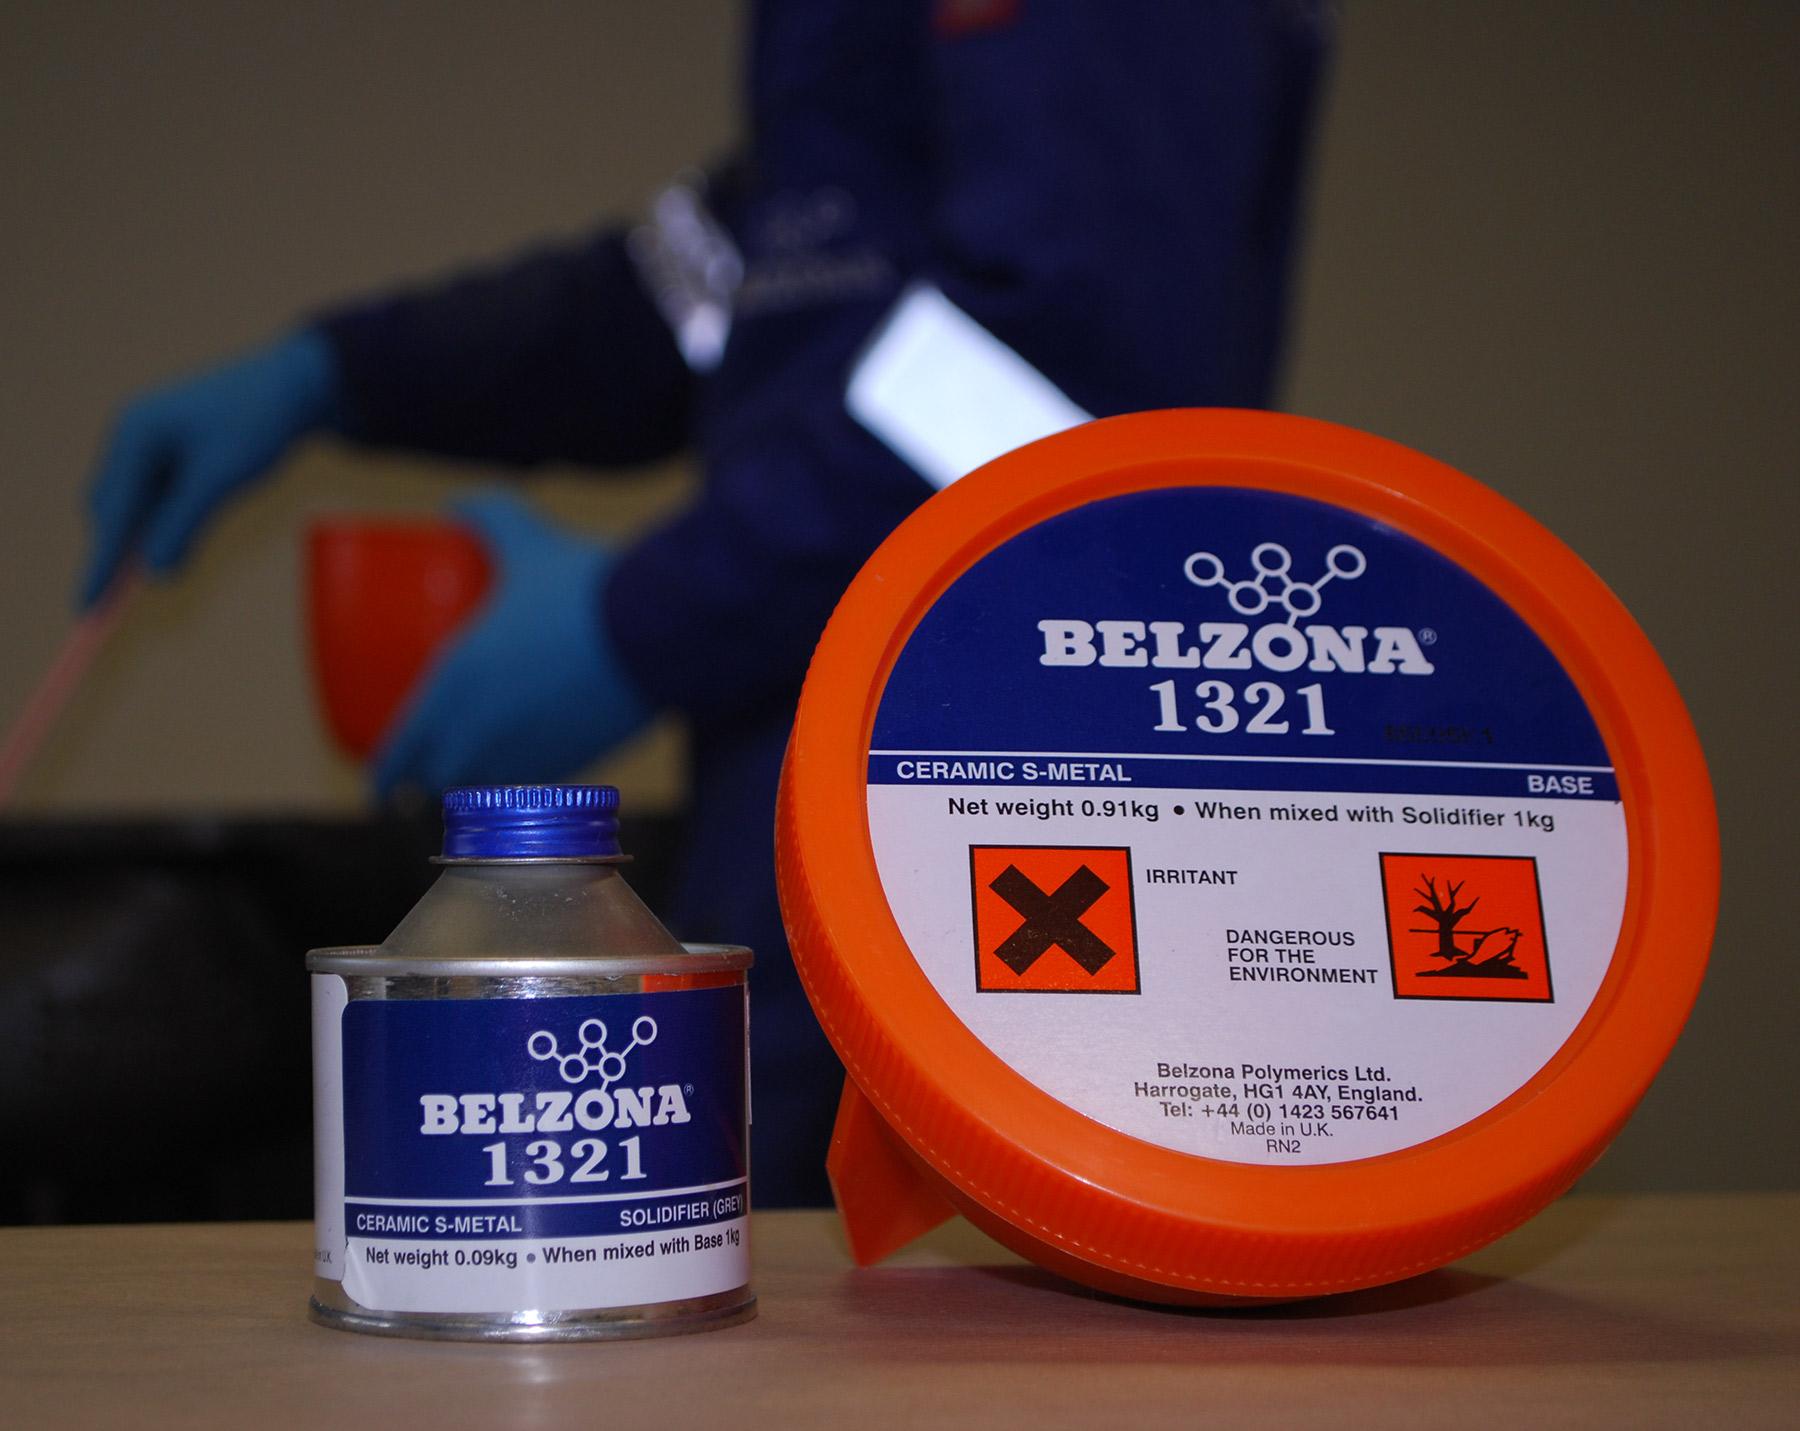 Belzona 1321 (Ceramic S-Metal) epoxy premaz punjen keramikom za zaštitu od erozije i korozije metalnih površina